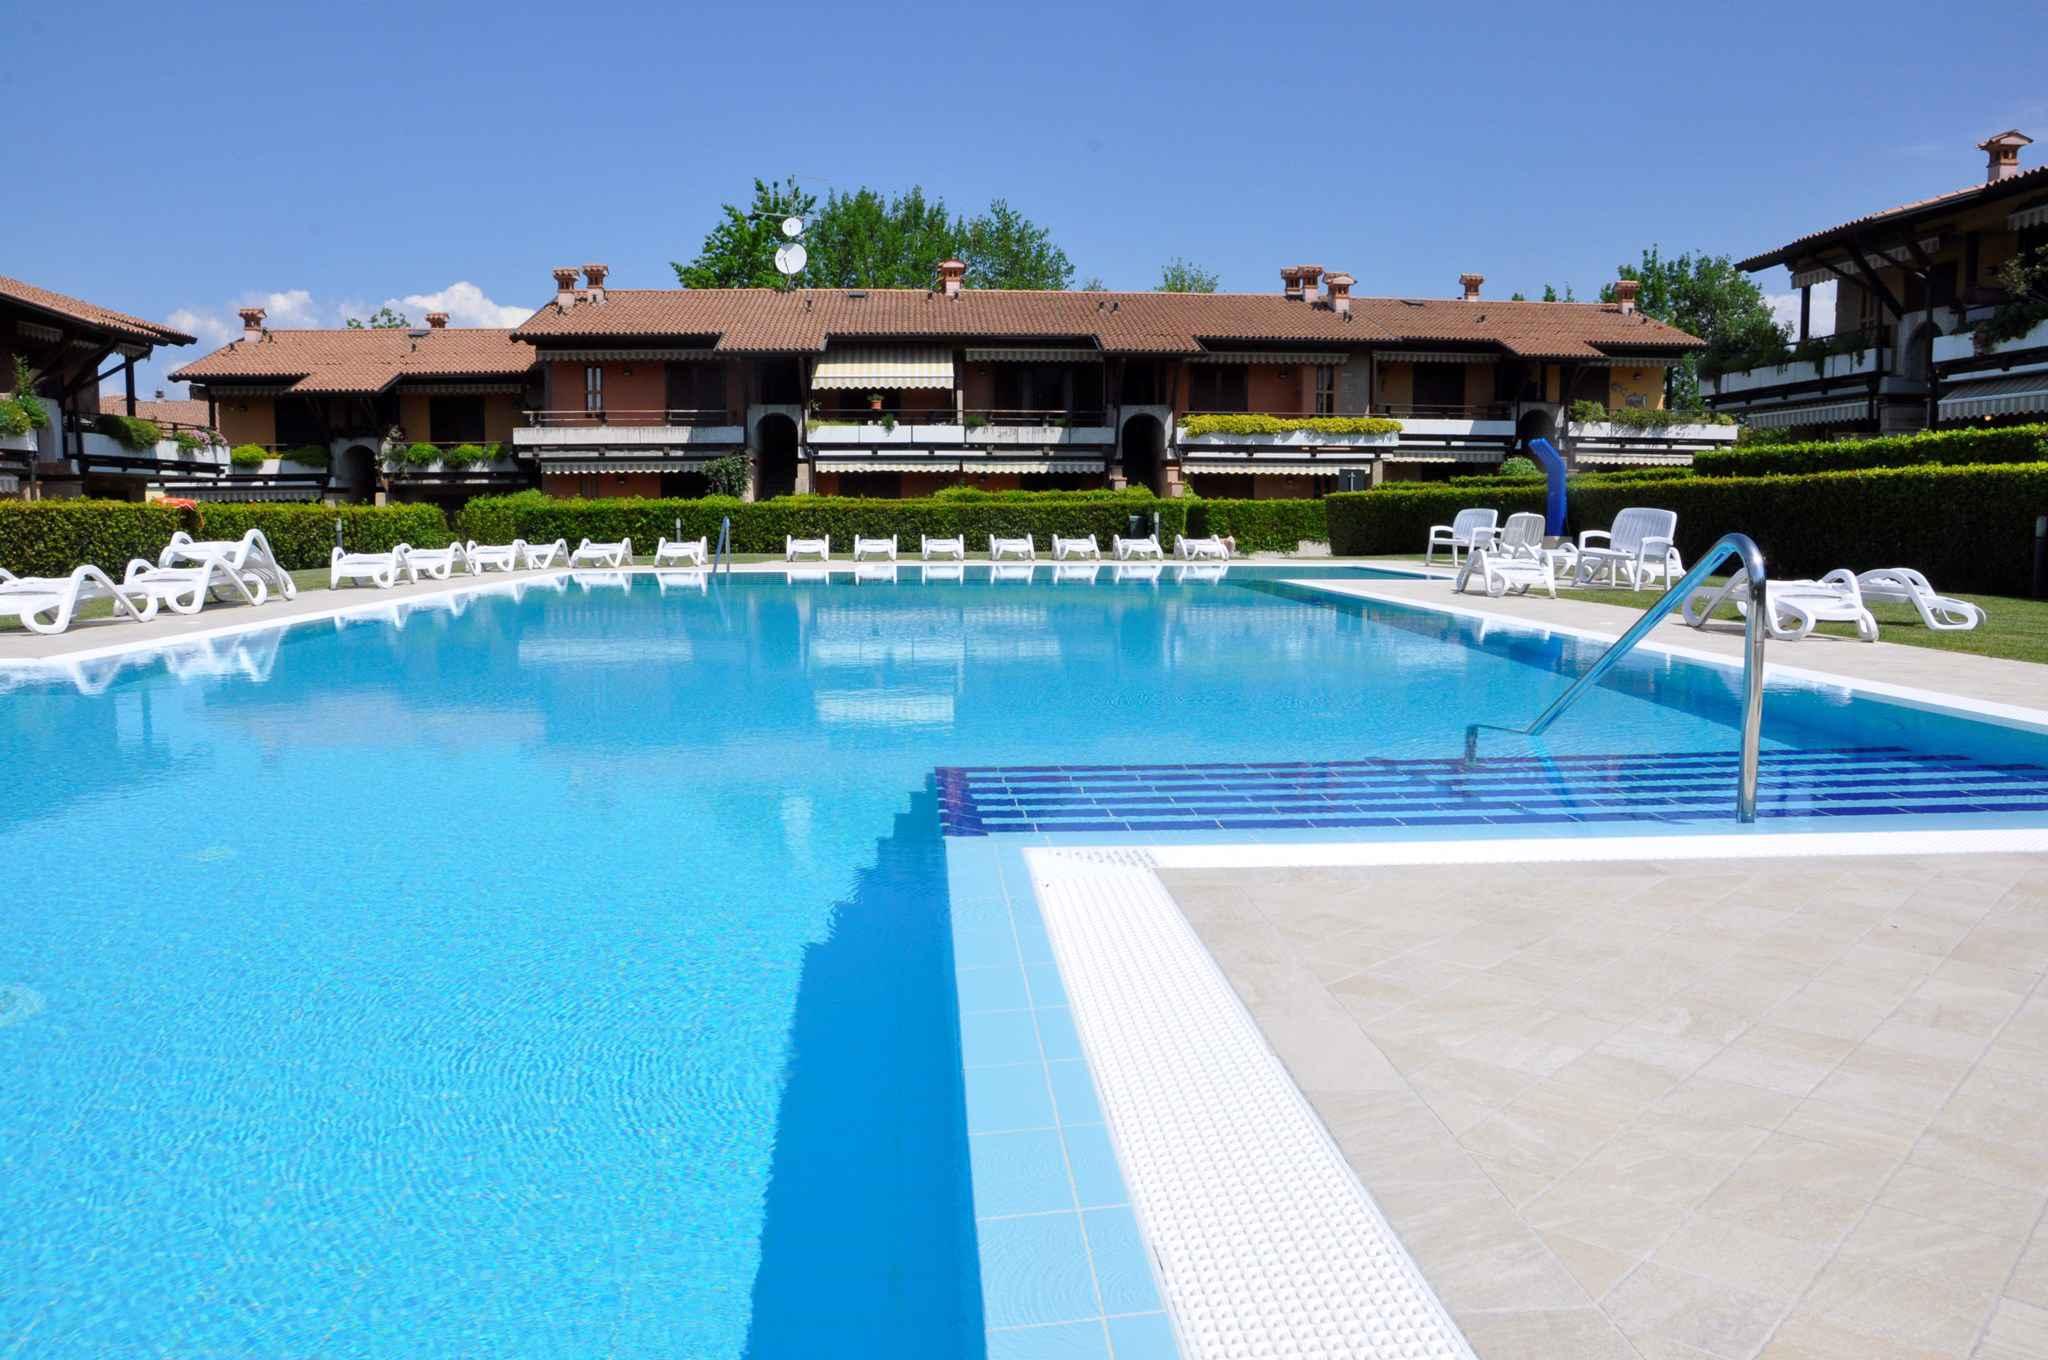 Ferienwohnung con piscina (377442), Lazise, Gardasee, Venetien, Italien, Bild 10